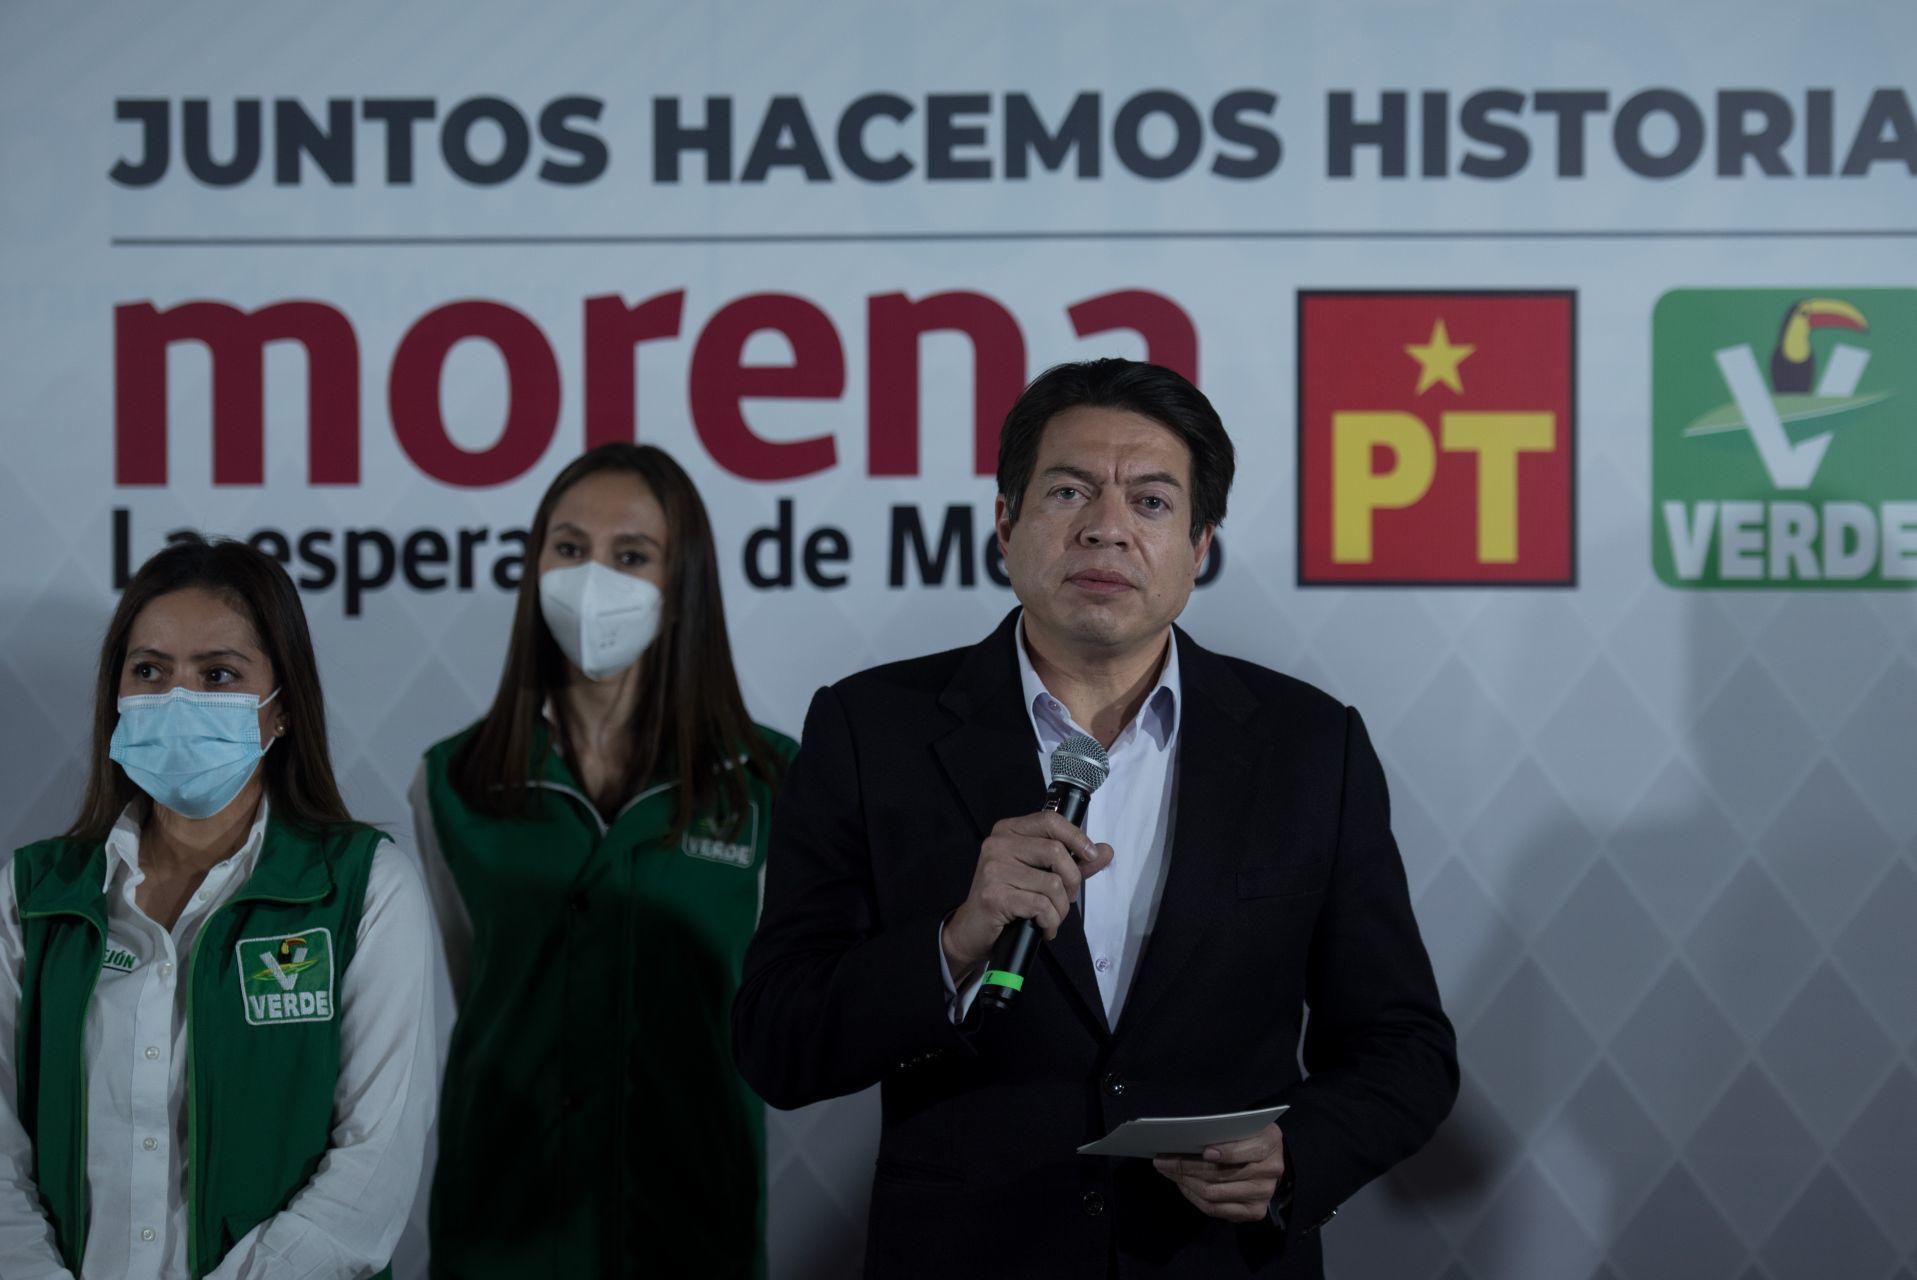 CIUDAD DE MÉXICO, 23DICIEMBRE2020.- Morena formalizó su alianza con el PT y el Partido Verde, el anuncio fue formalizado en una conferencia de prensa ofrecida por Mario Delgado, presidente nacional de Morena; Geovanna Bañuelos, coordinadora de los senadores del PT; y Karen Castrejón, presidenta nacional del Partido Verde.